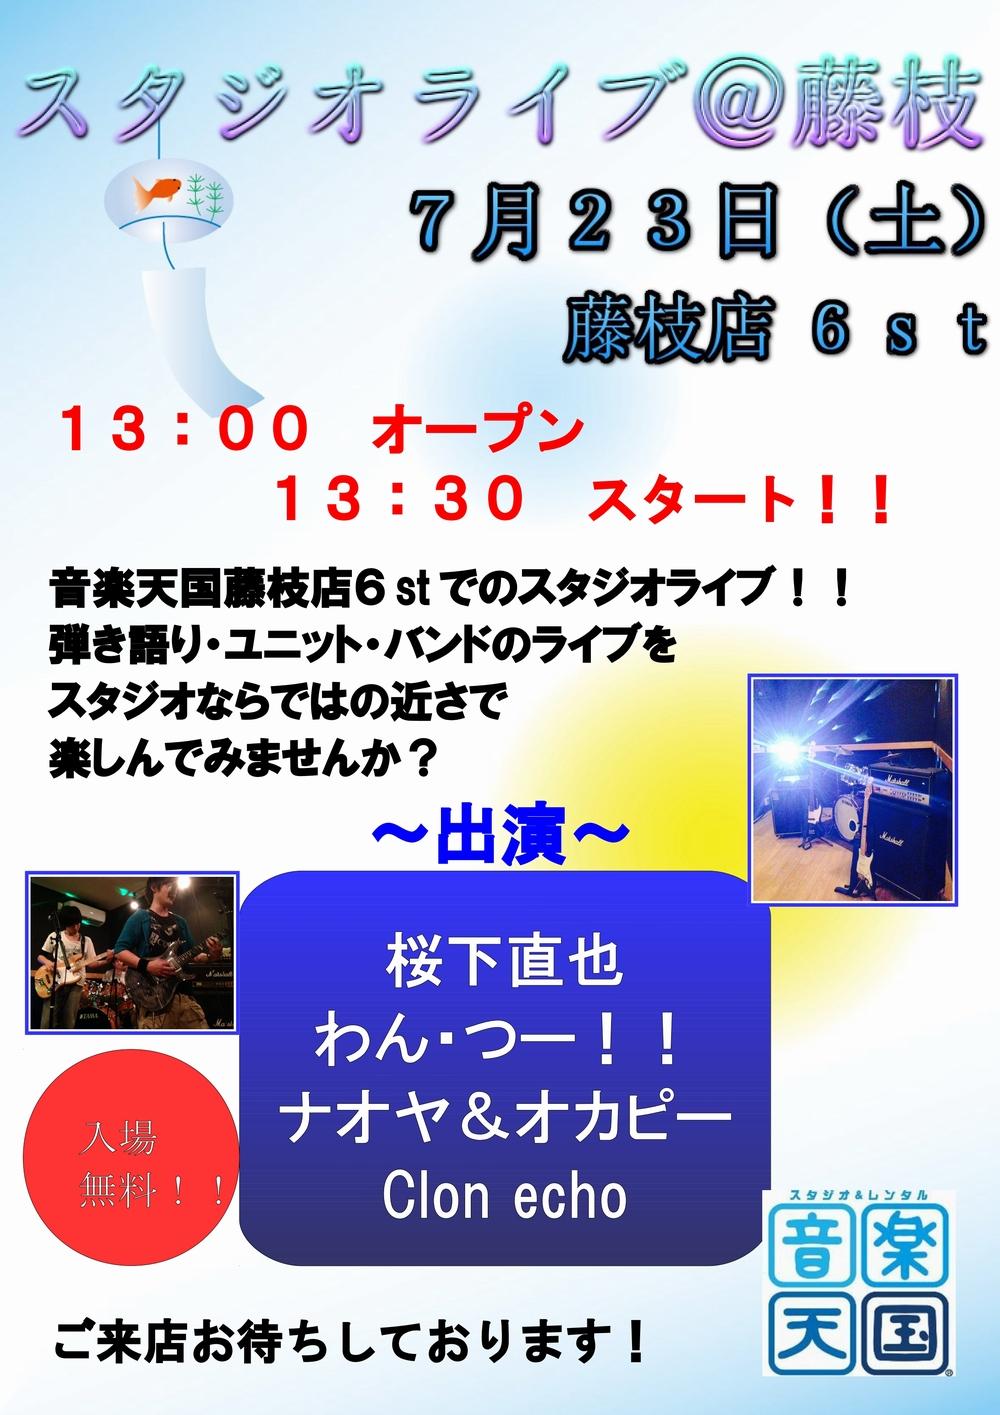 【スタジオライブ】音楽天国・藤枝店7月23日(土)開催!